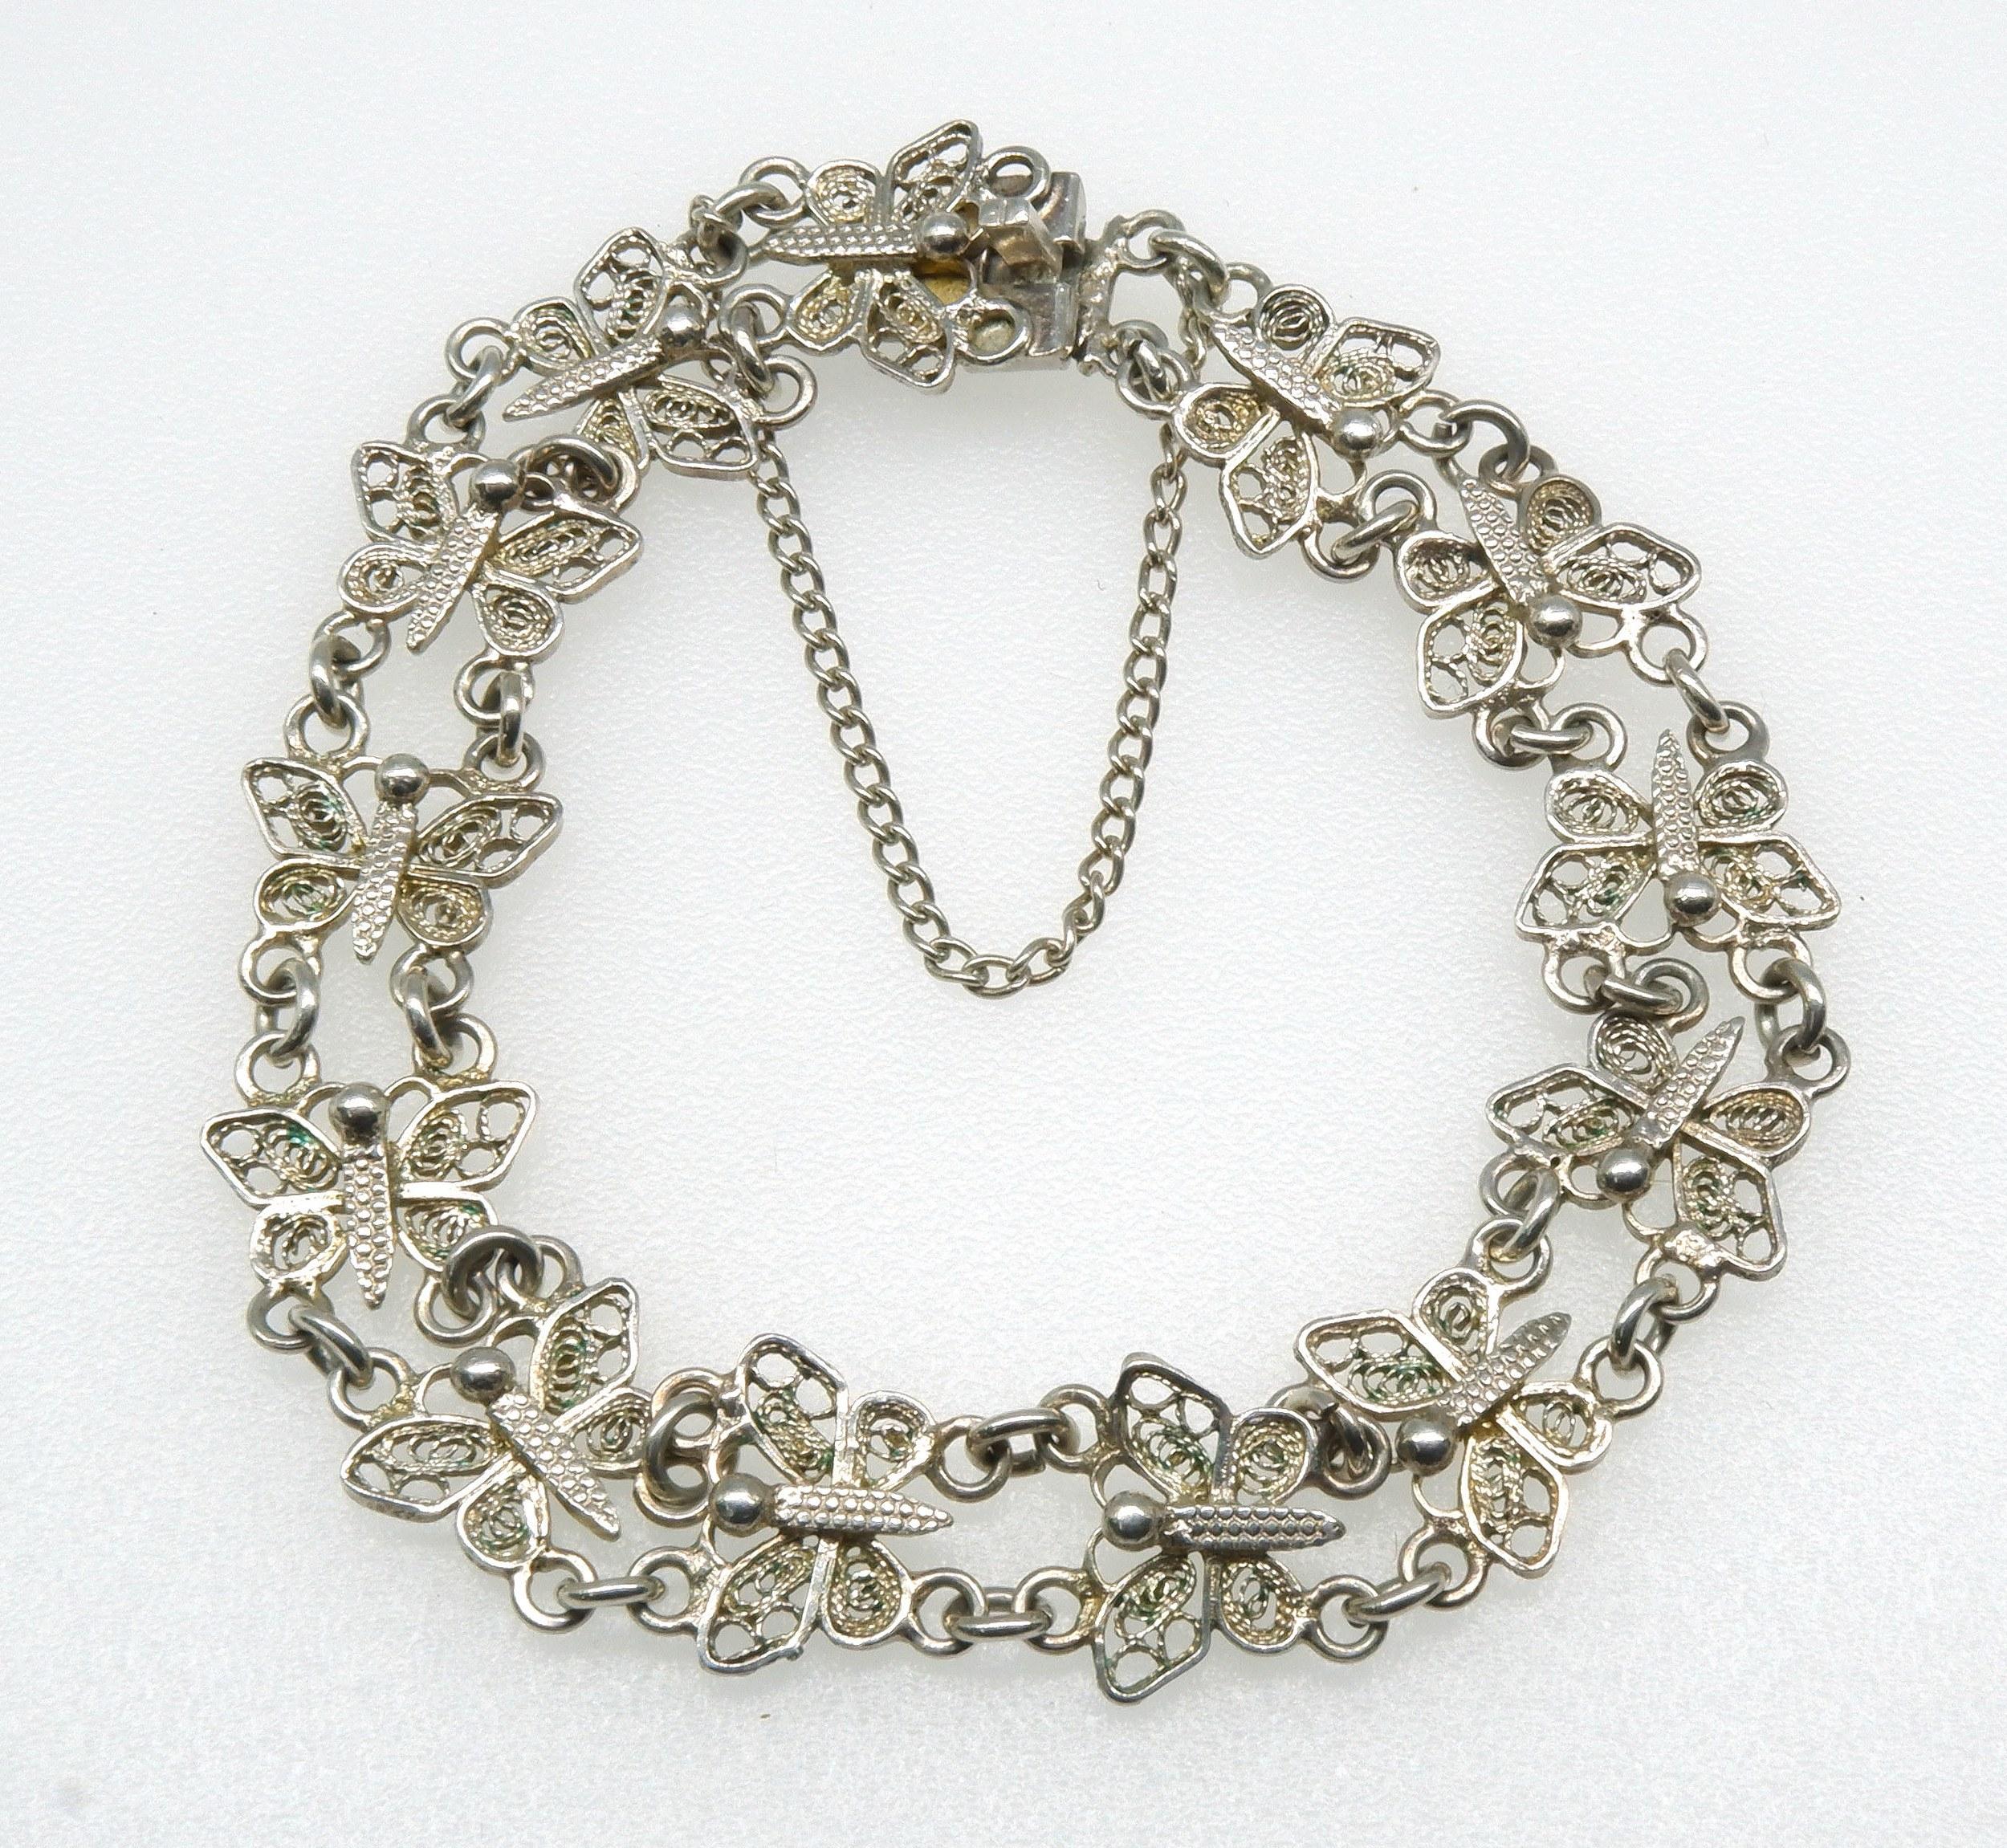 '800 Silver Butterfly Double Link Bracelet'